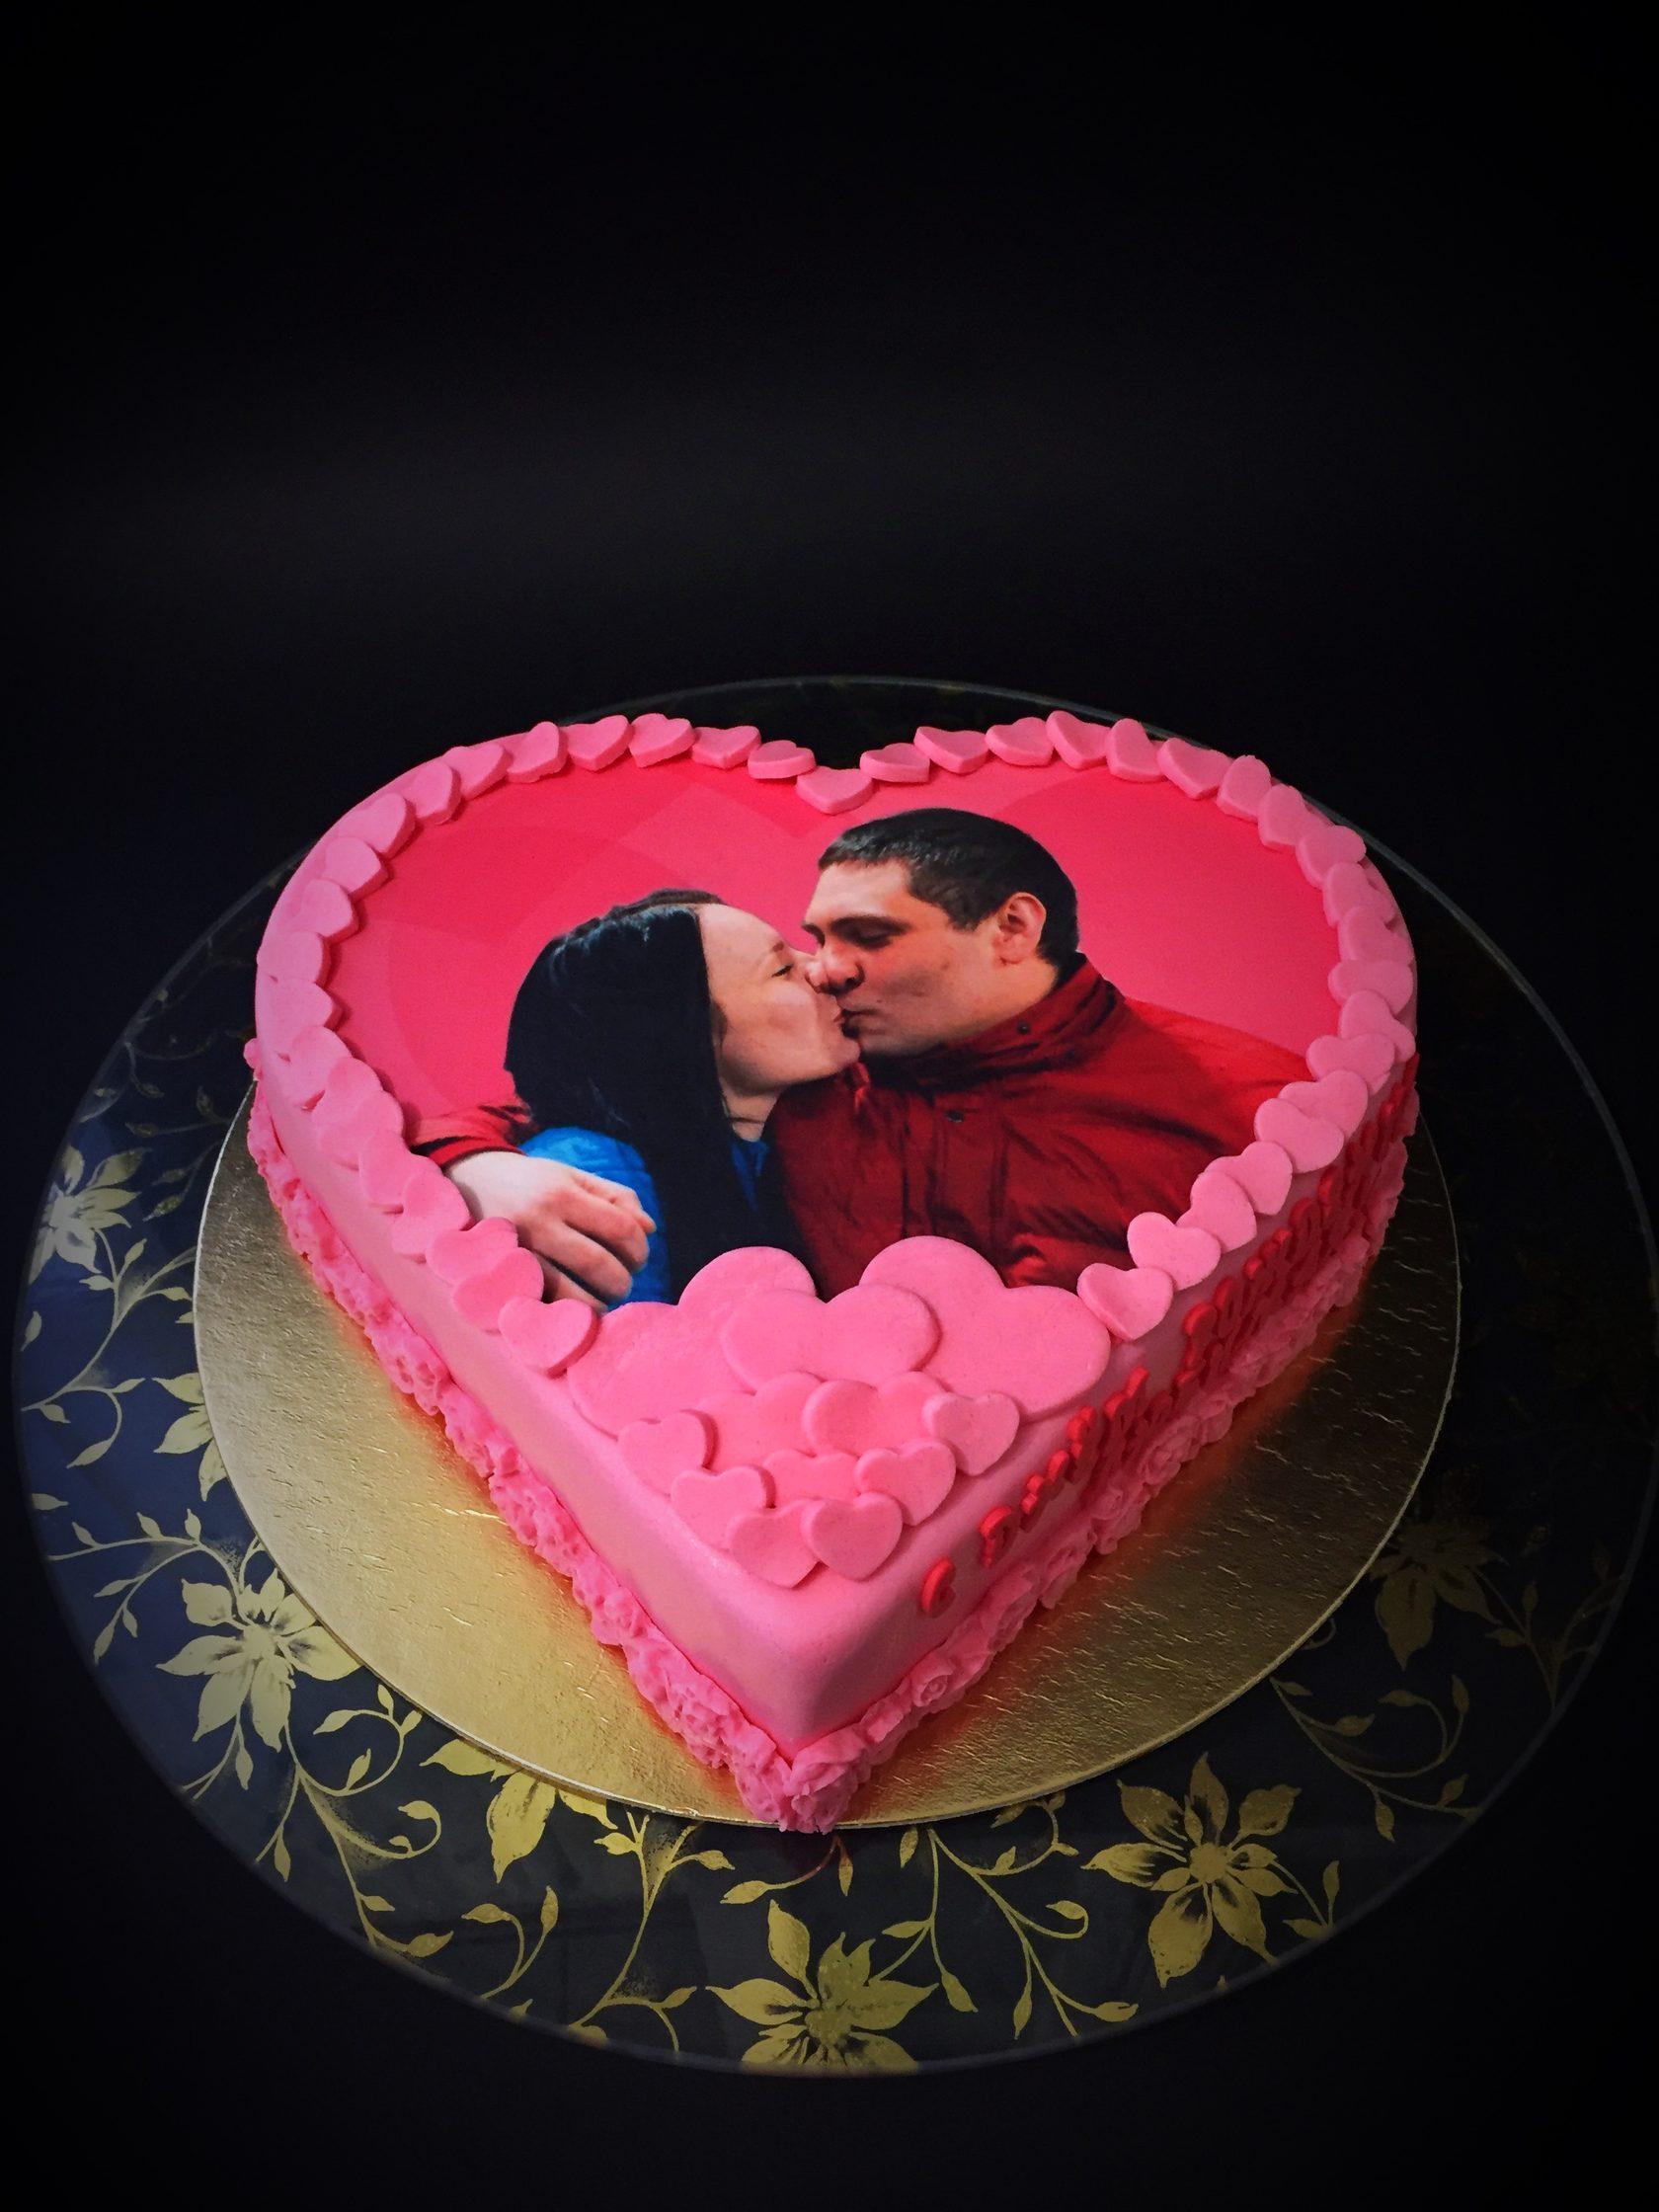 как делают торт с фотографией рамках